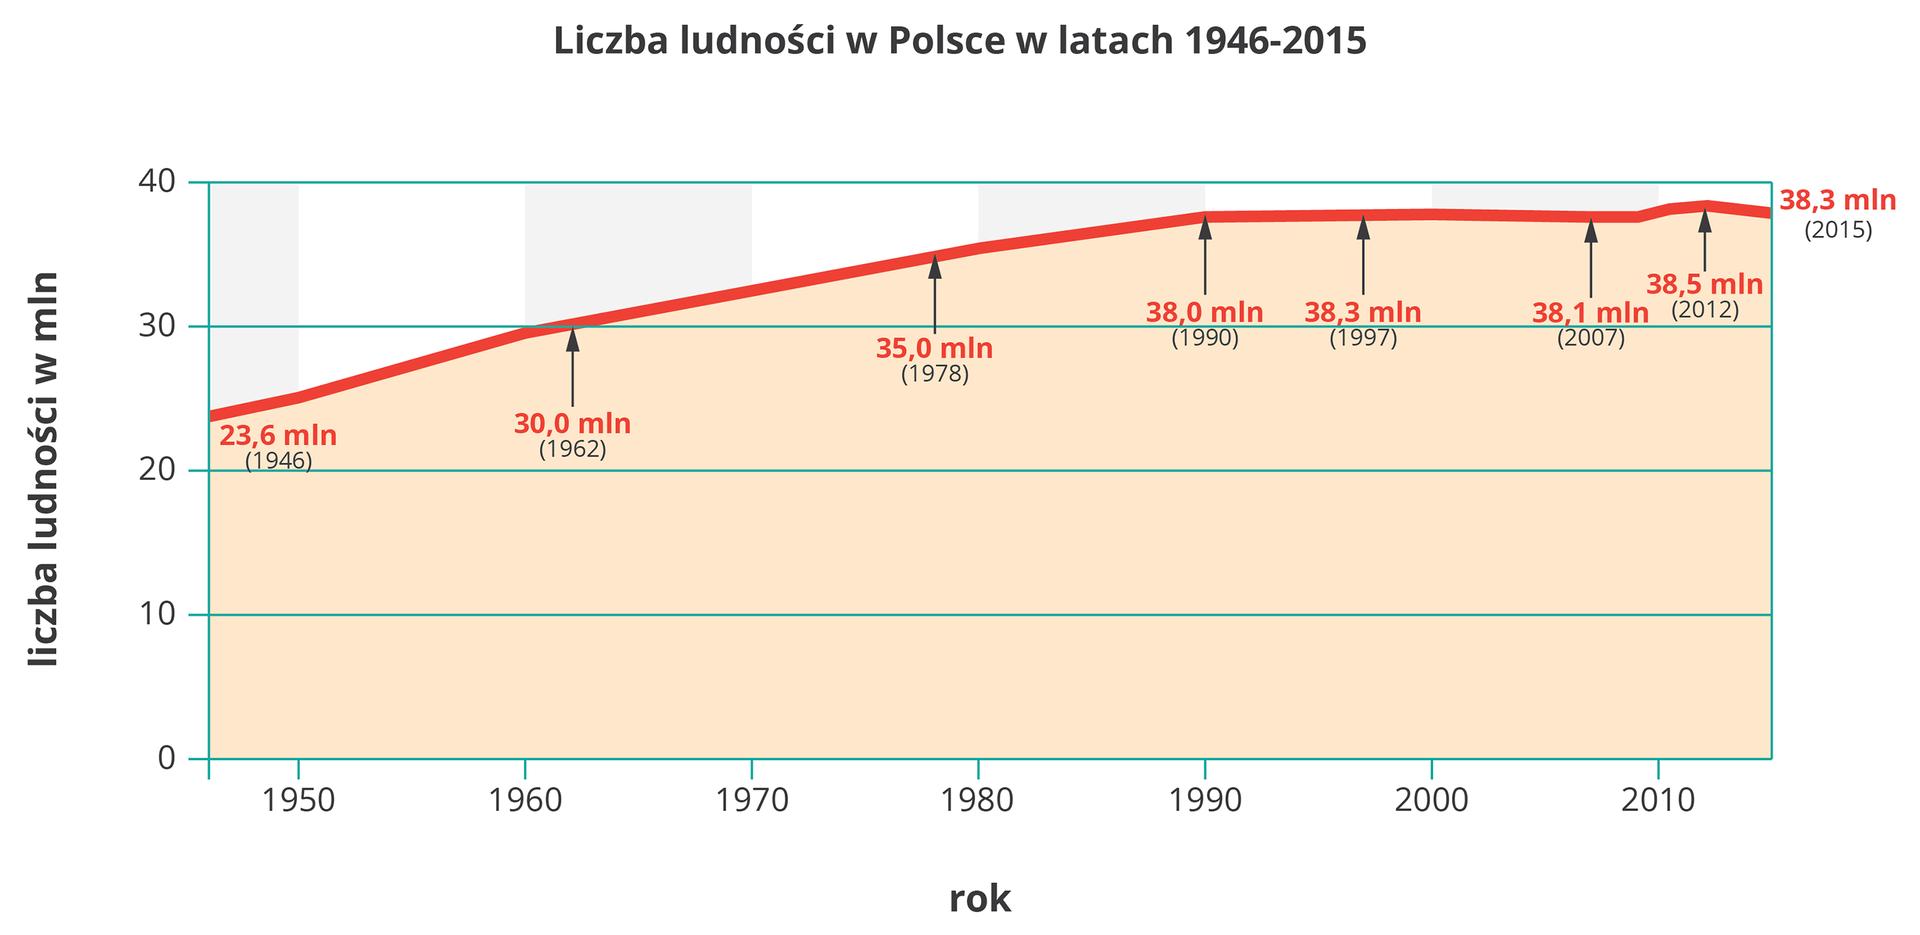 Na ilustracji wykres liniowy liczby ludności wPolsce wlatach 1946-2015. 194623600000196230000000197835000000199038000000199638300000200638100000201238500000201538300000